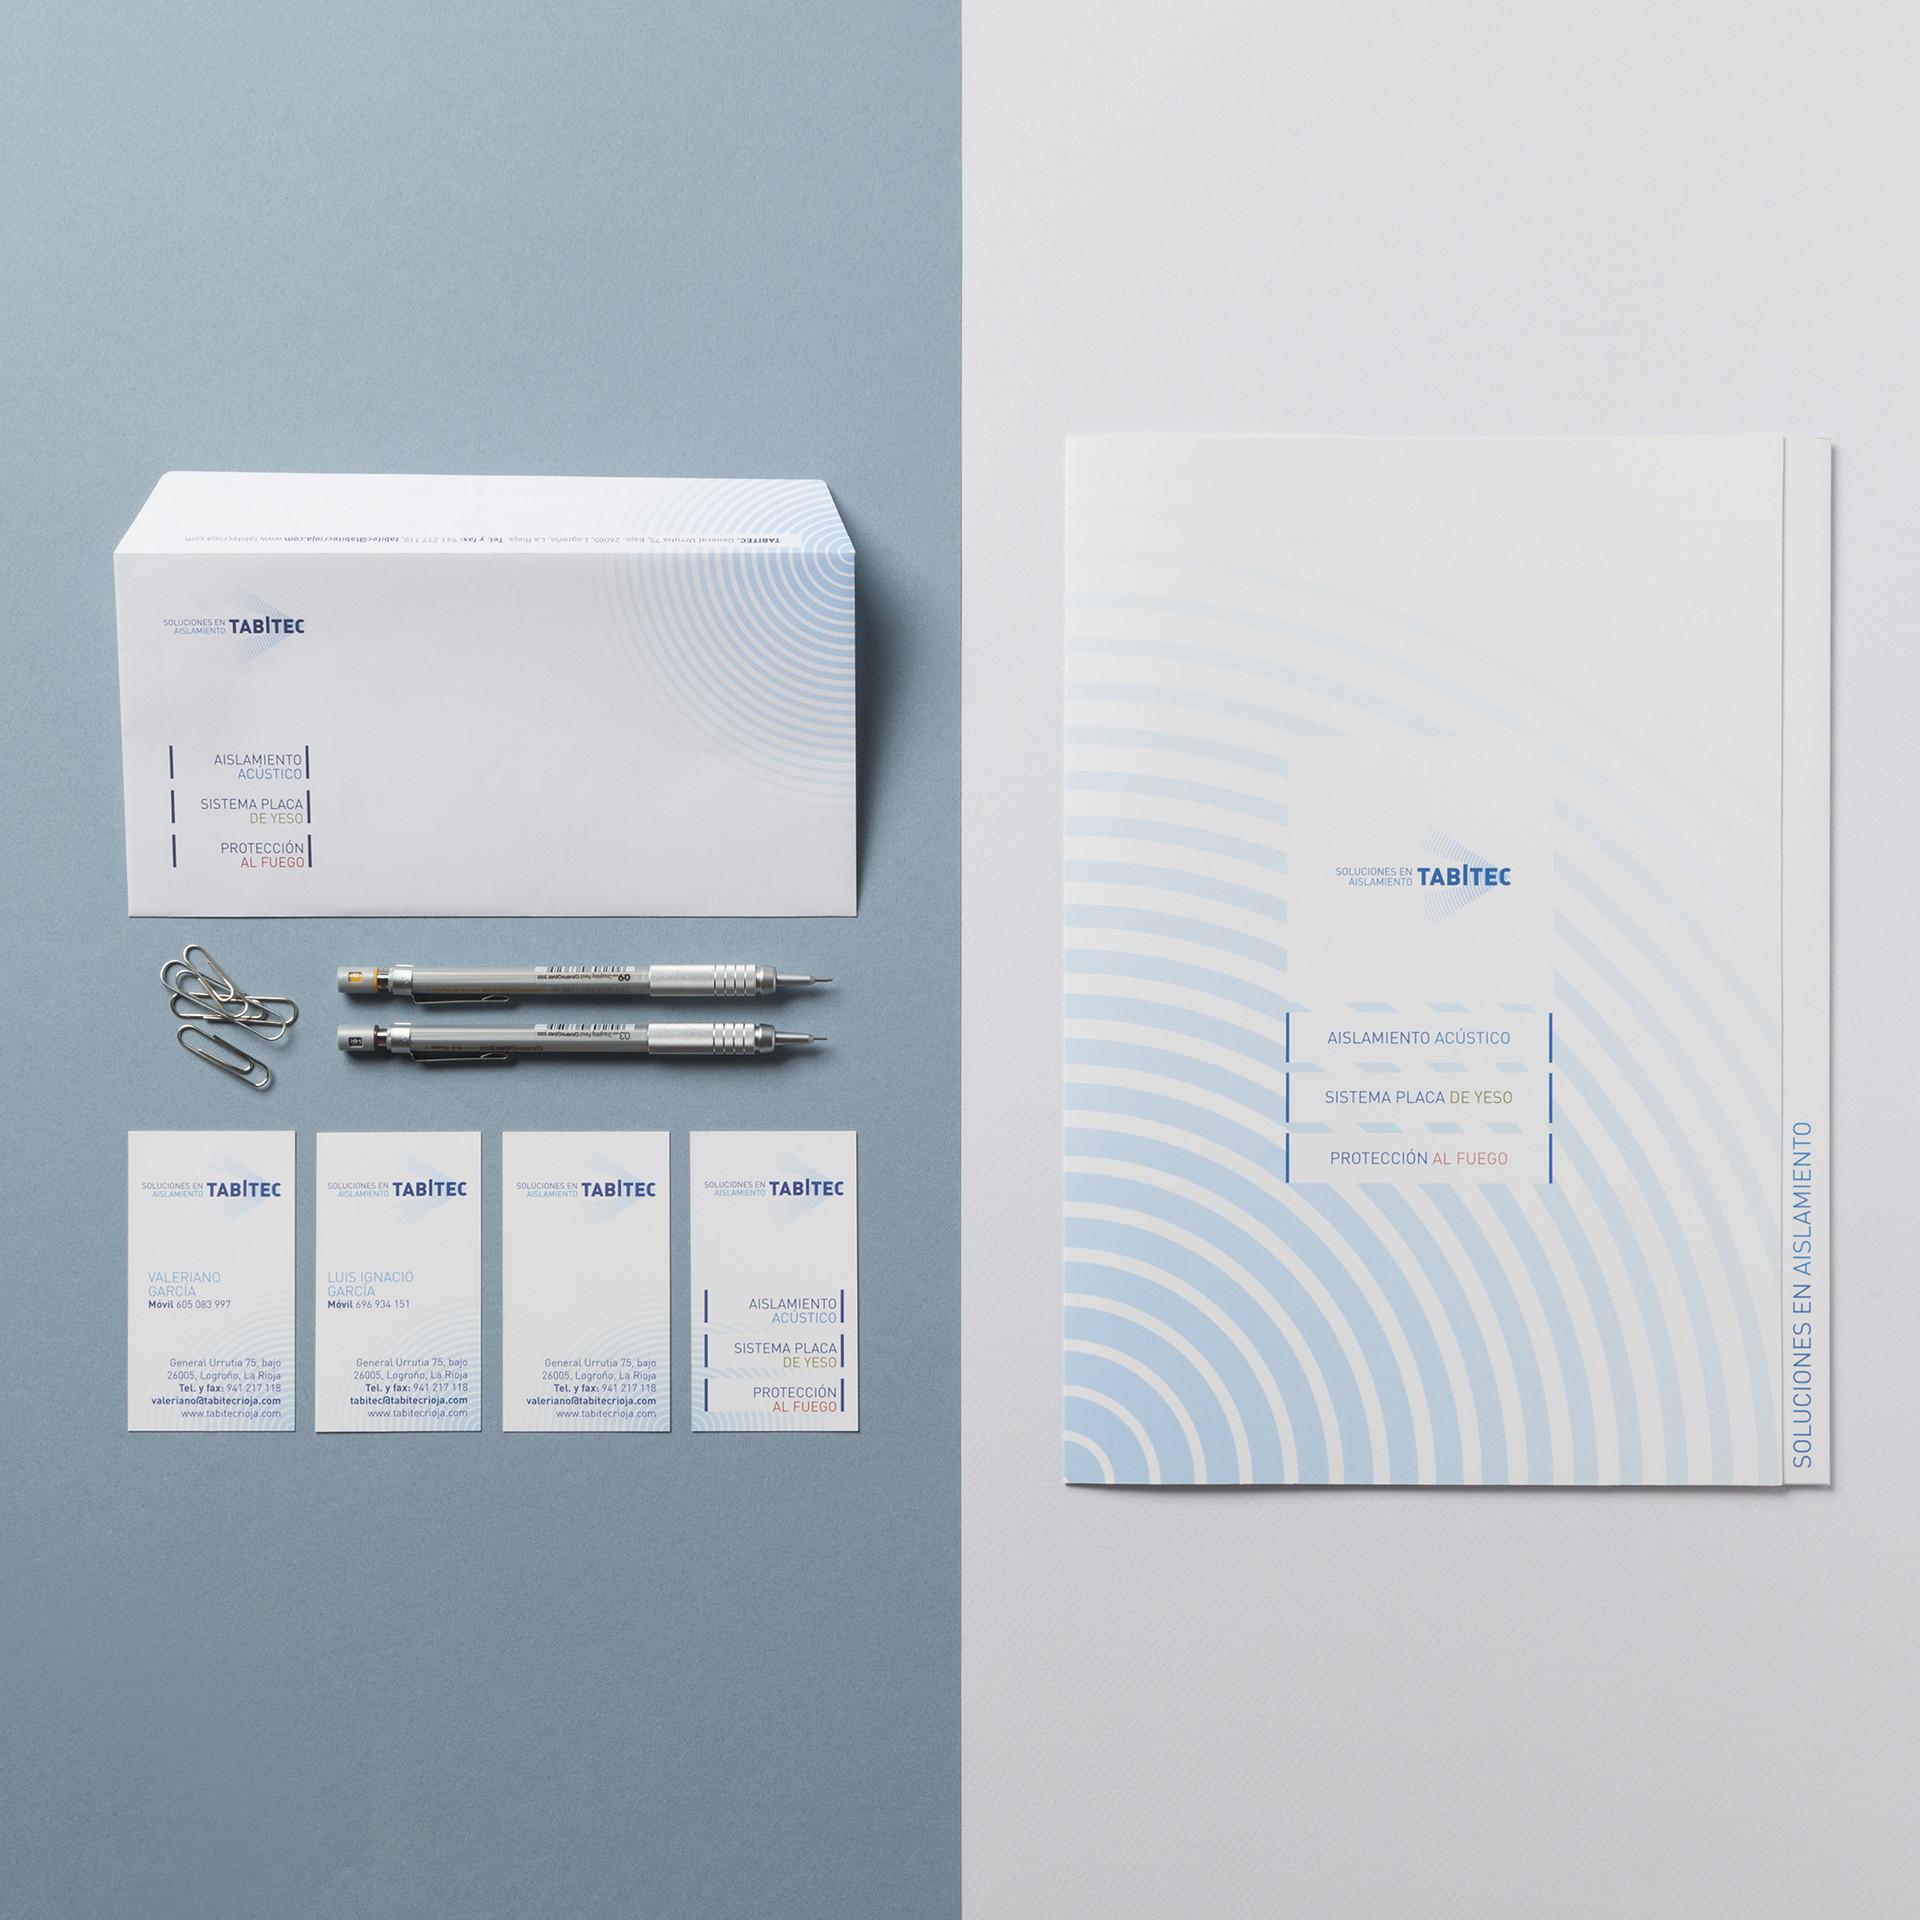 diseño papelería aislamientos tabitec